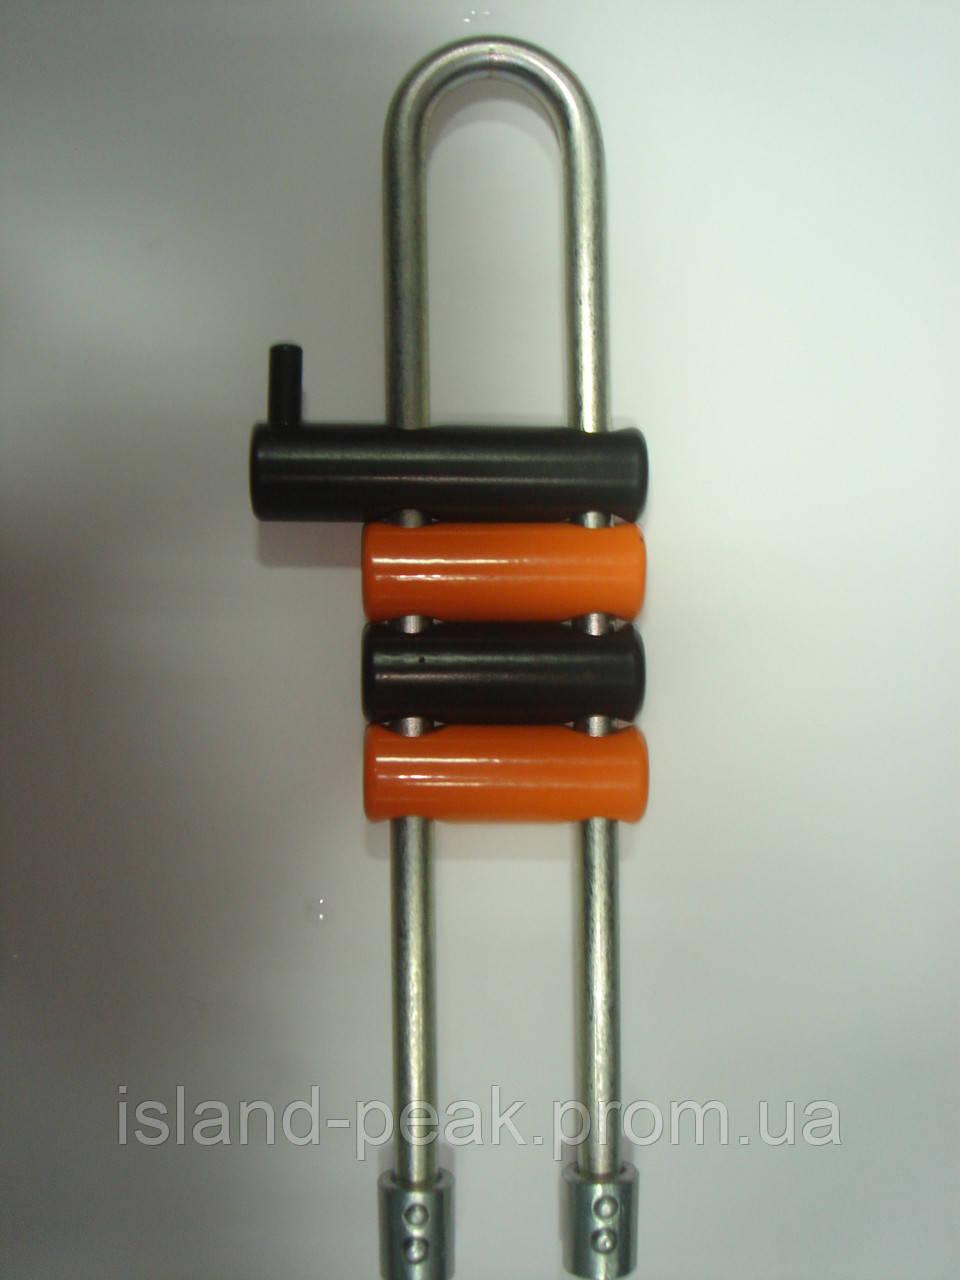 Спусковое устройство решетка (лесенка, сталь) Vertical.